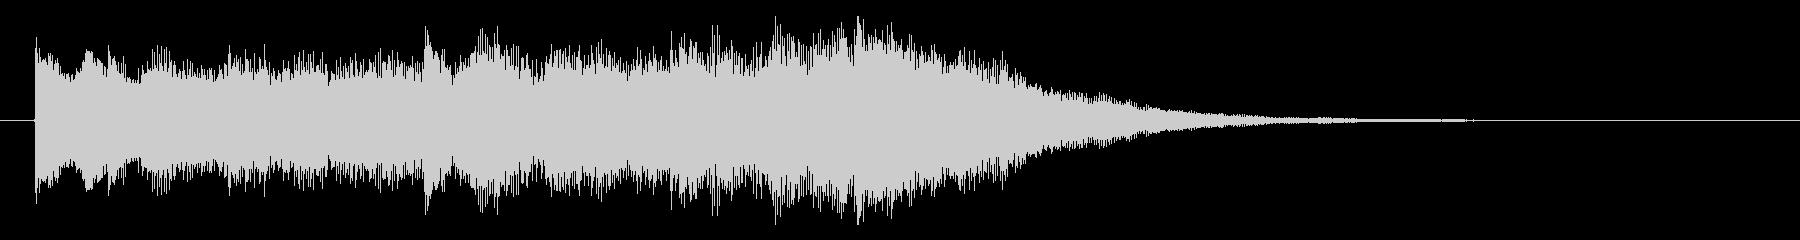 透明感のあるシンセサイザーでサウンドロゴの未再生の波形